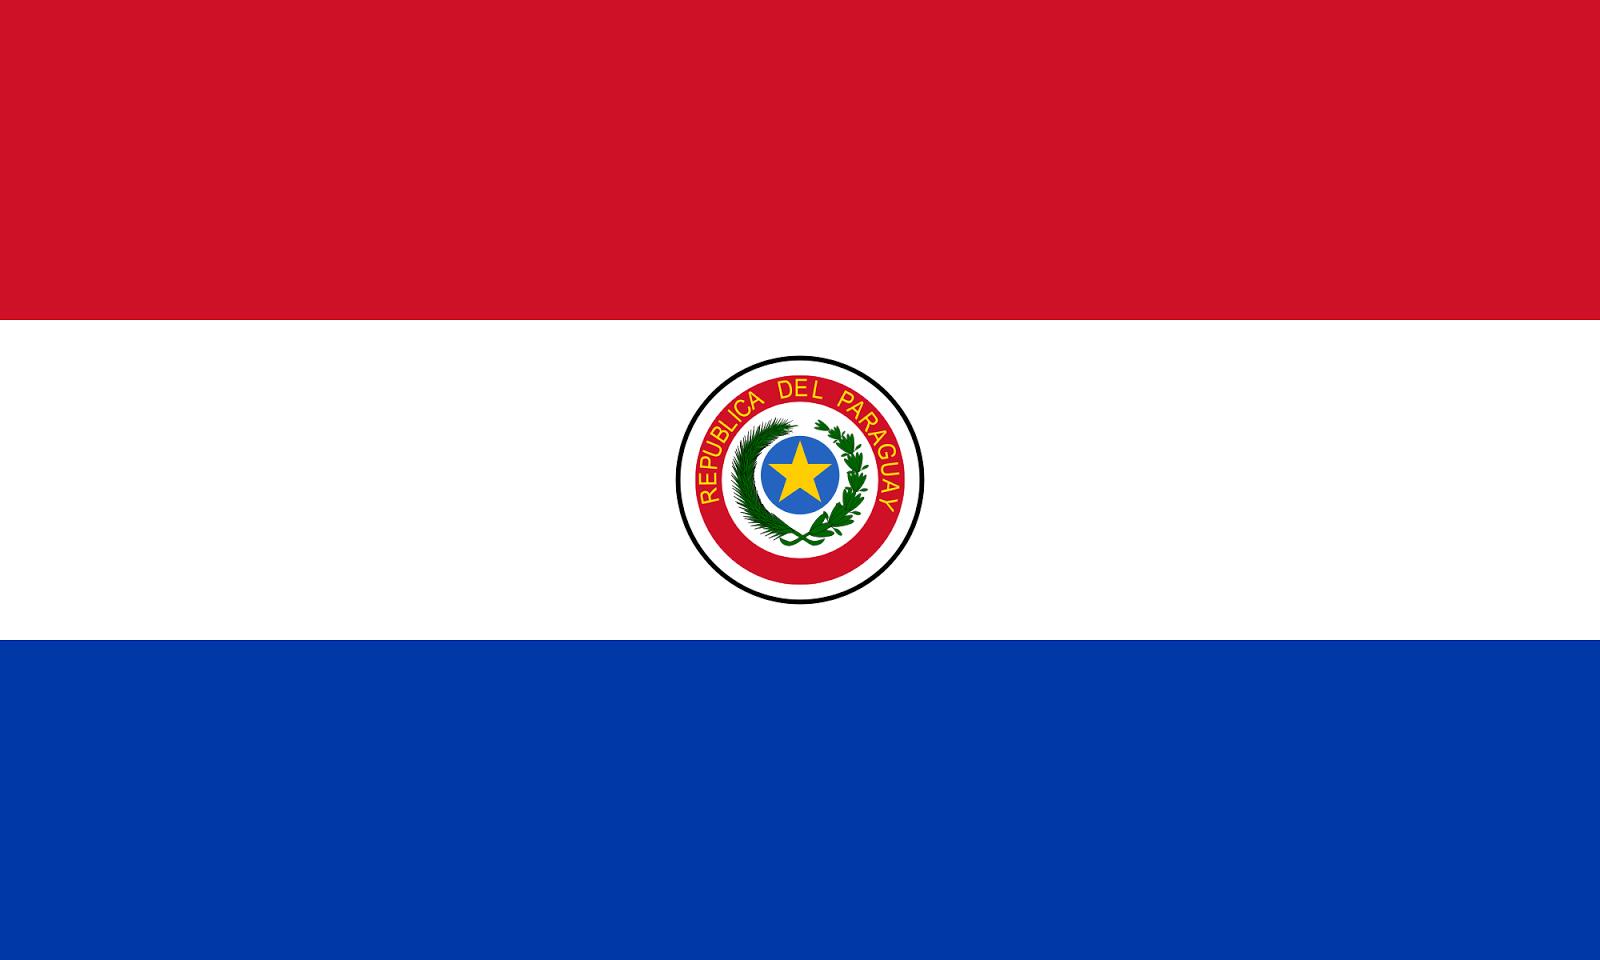 bandeira-paraguai-2000px.png